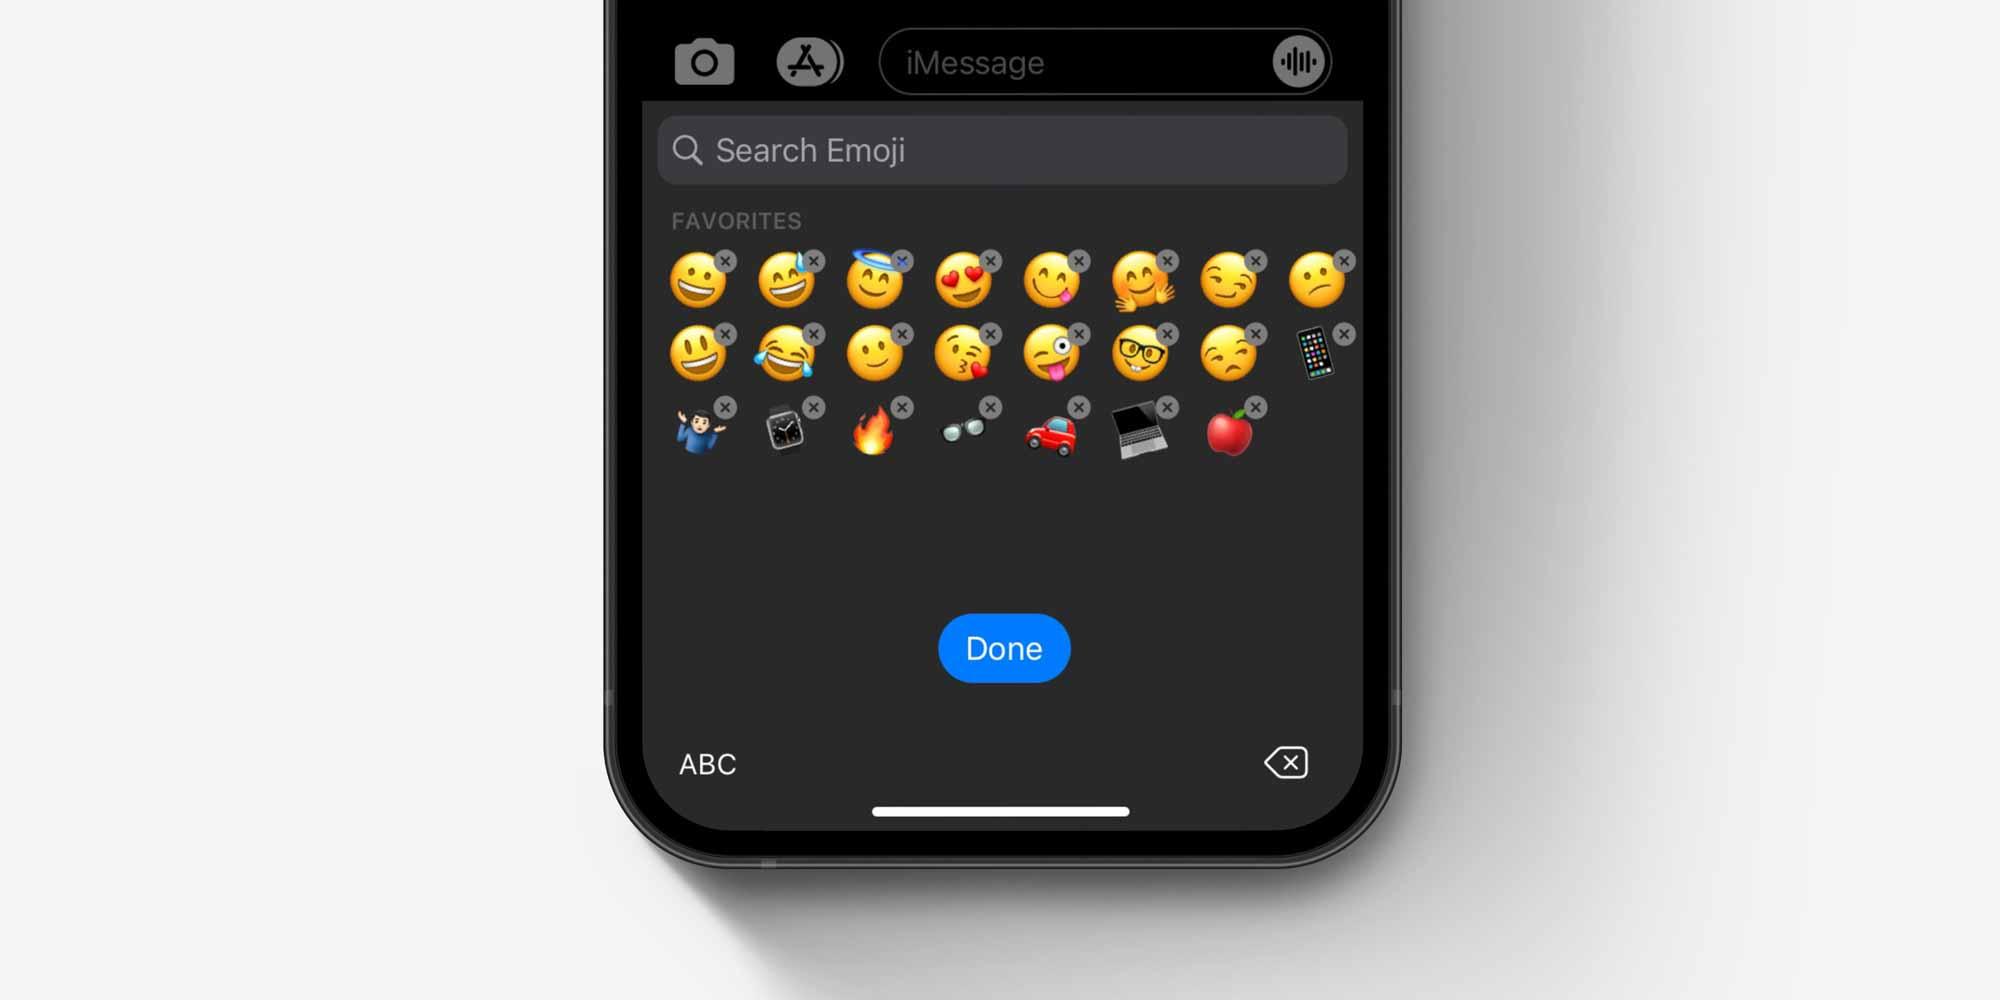 Клавиатура смайлов iOS, как удалить и изменить концепцию смайлов